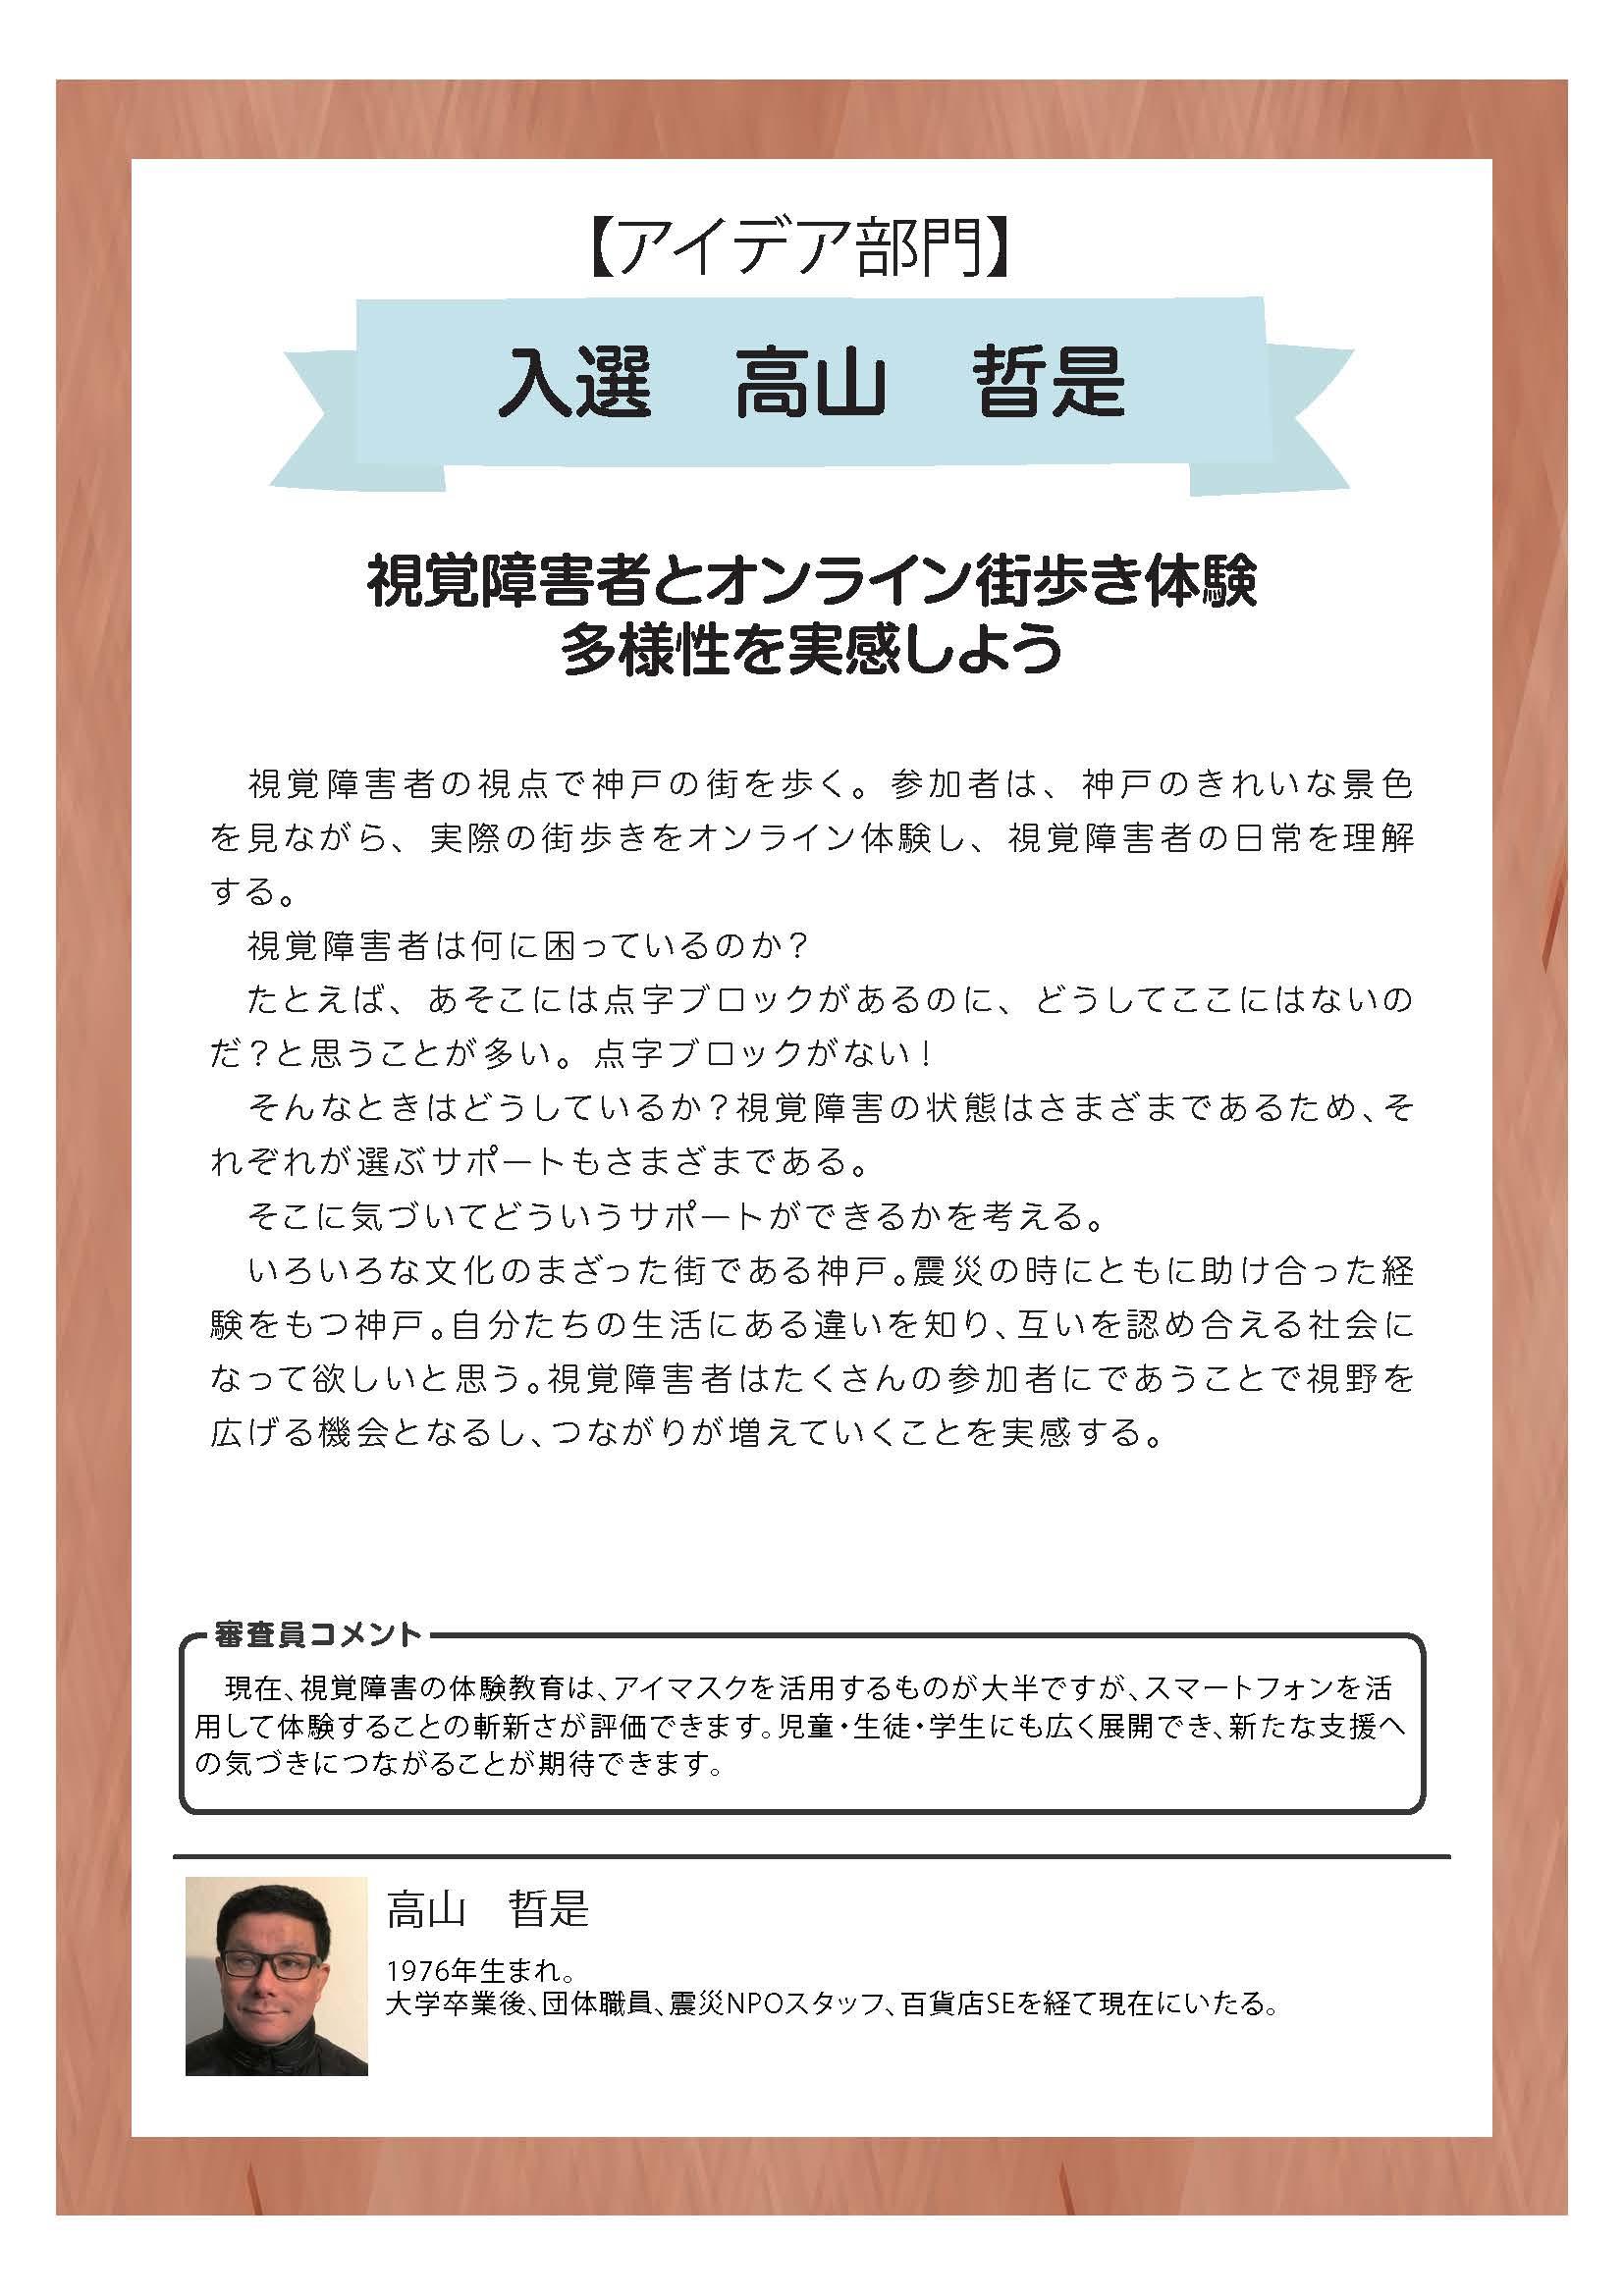 【アイデア部門】 入選 高山 晢是 視覚障害者とオンライン街歩き体験 多様性を実感しよう  視覚障害者の視点で神戸の街を歩く。参加者は、神戸のきれいな景色を見ながら、実際の街歩きをオンライン体験し、視覚障害者の日常を理解する。  視覚障害者は何に困っているのか?  たとえば、あそこには点字ブロックがあるのに、どうしてここにはないのだ?と思うことが多い。点字ブロックがない!  そんなときはどうしているか?視覚障害の状態はさまざまであるため、それぞれが選ぶサポートもさまざまである。  そこに気づいてどういうサポートができるかを考える。  いろいろな文化のまざった街である神戸。震災の時にともに助け合った経験をもつ神戸。自分たちの生活にある違いを知り、互いを認め合える社会になって欲しいと思う。視覚障害者はたくさんの参加者にであうことで視野を広げる機会となるし、つながりが増えていくことを実感する。  審査員コメント 現在、視覚障害の体験教育は、アイマスクを活用するものが大半ですが、スマートフォンを活用して体験することの斬新さが評価できます。児童・生徒・学生にも広く展開でき、新たな支援への気づきにつながることが期待できます。  高山 晢是 1976年生まれ。 大学卒業後、団体職員、震災NPOスタッフ、百貨店SEを経て現在にいたる。